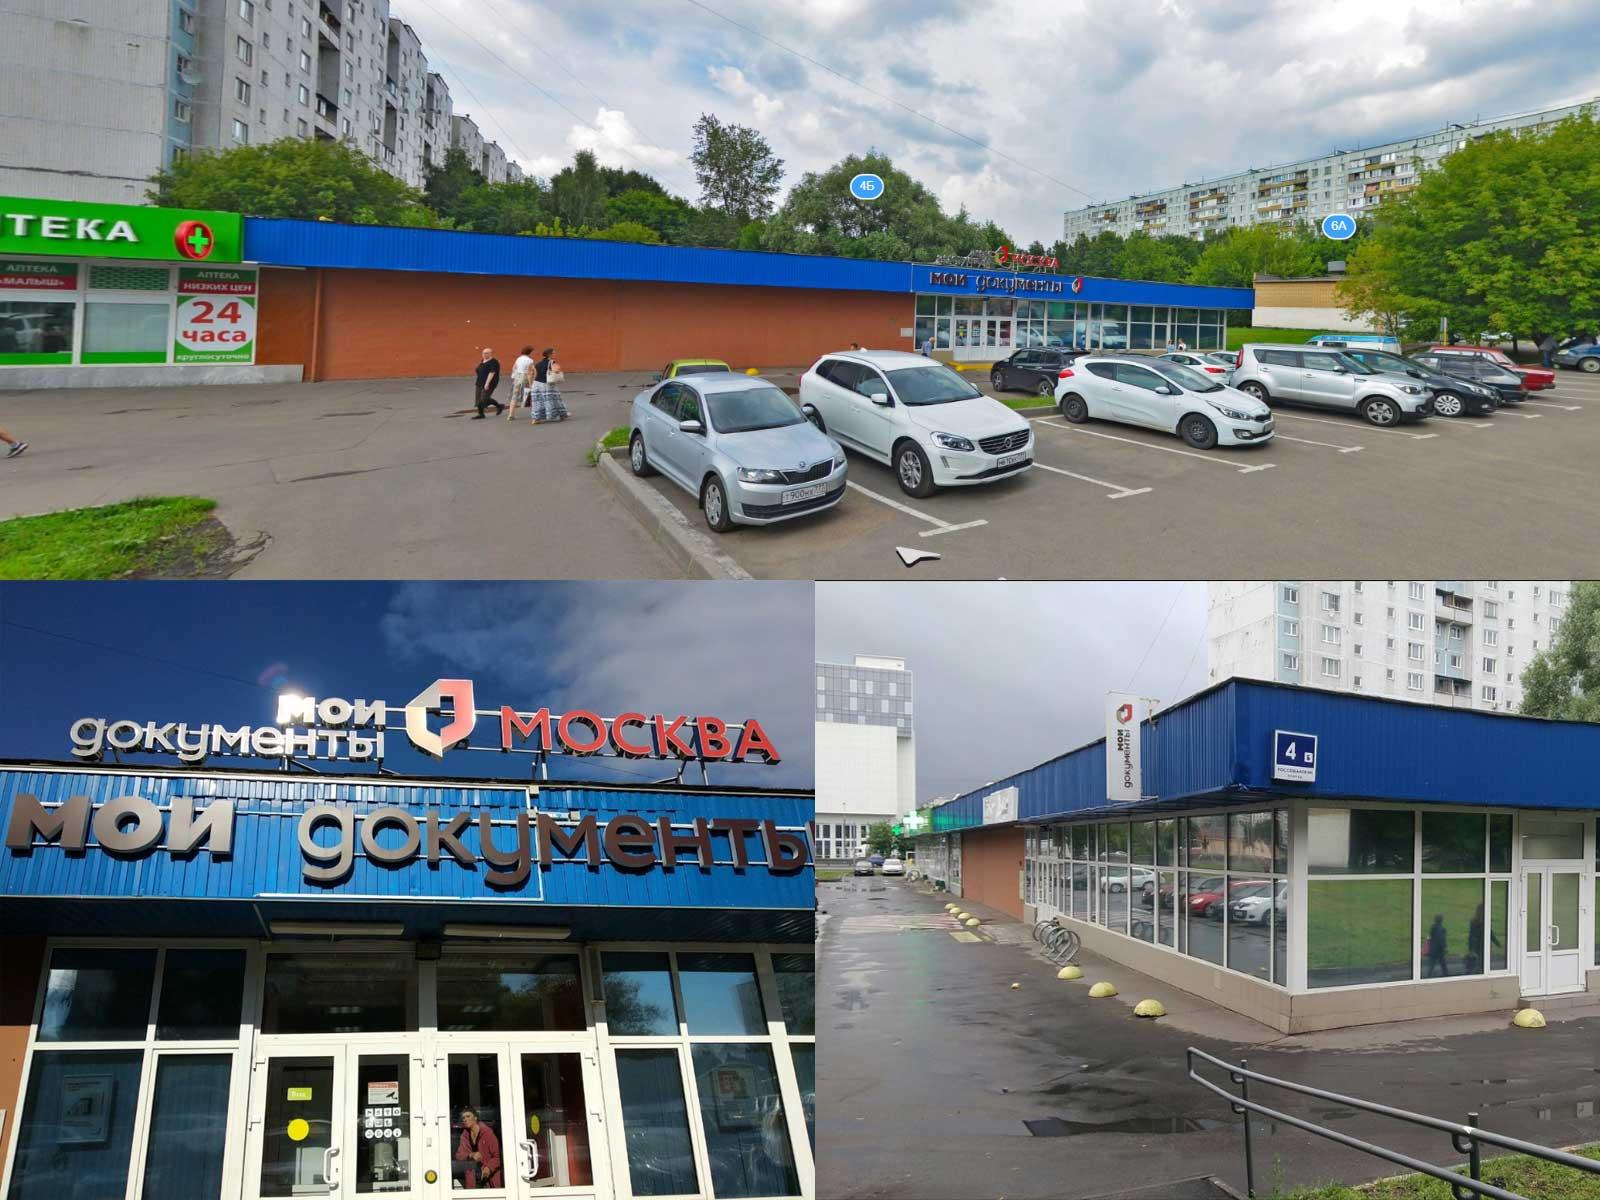 вид на здание УФМС по району Чертаново Центральное, Россошанский пр., 4Б, Москва